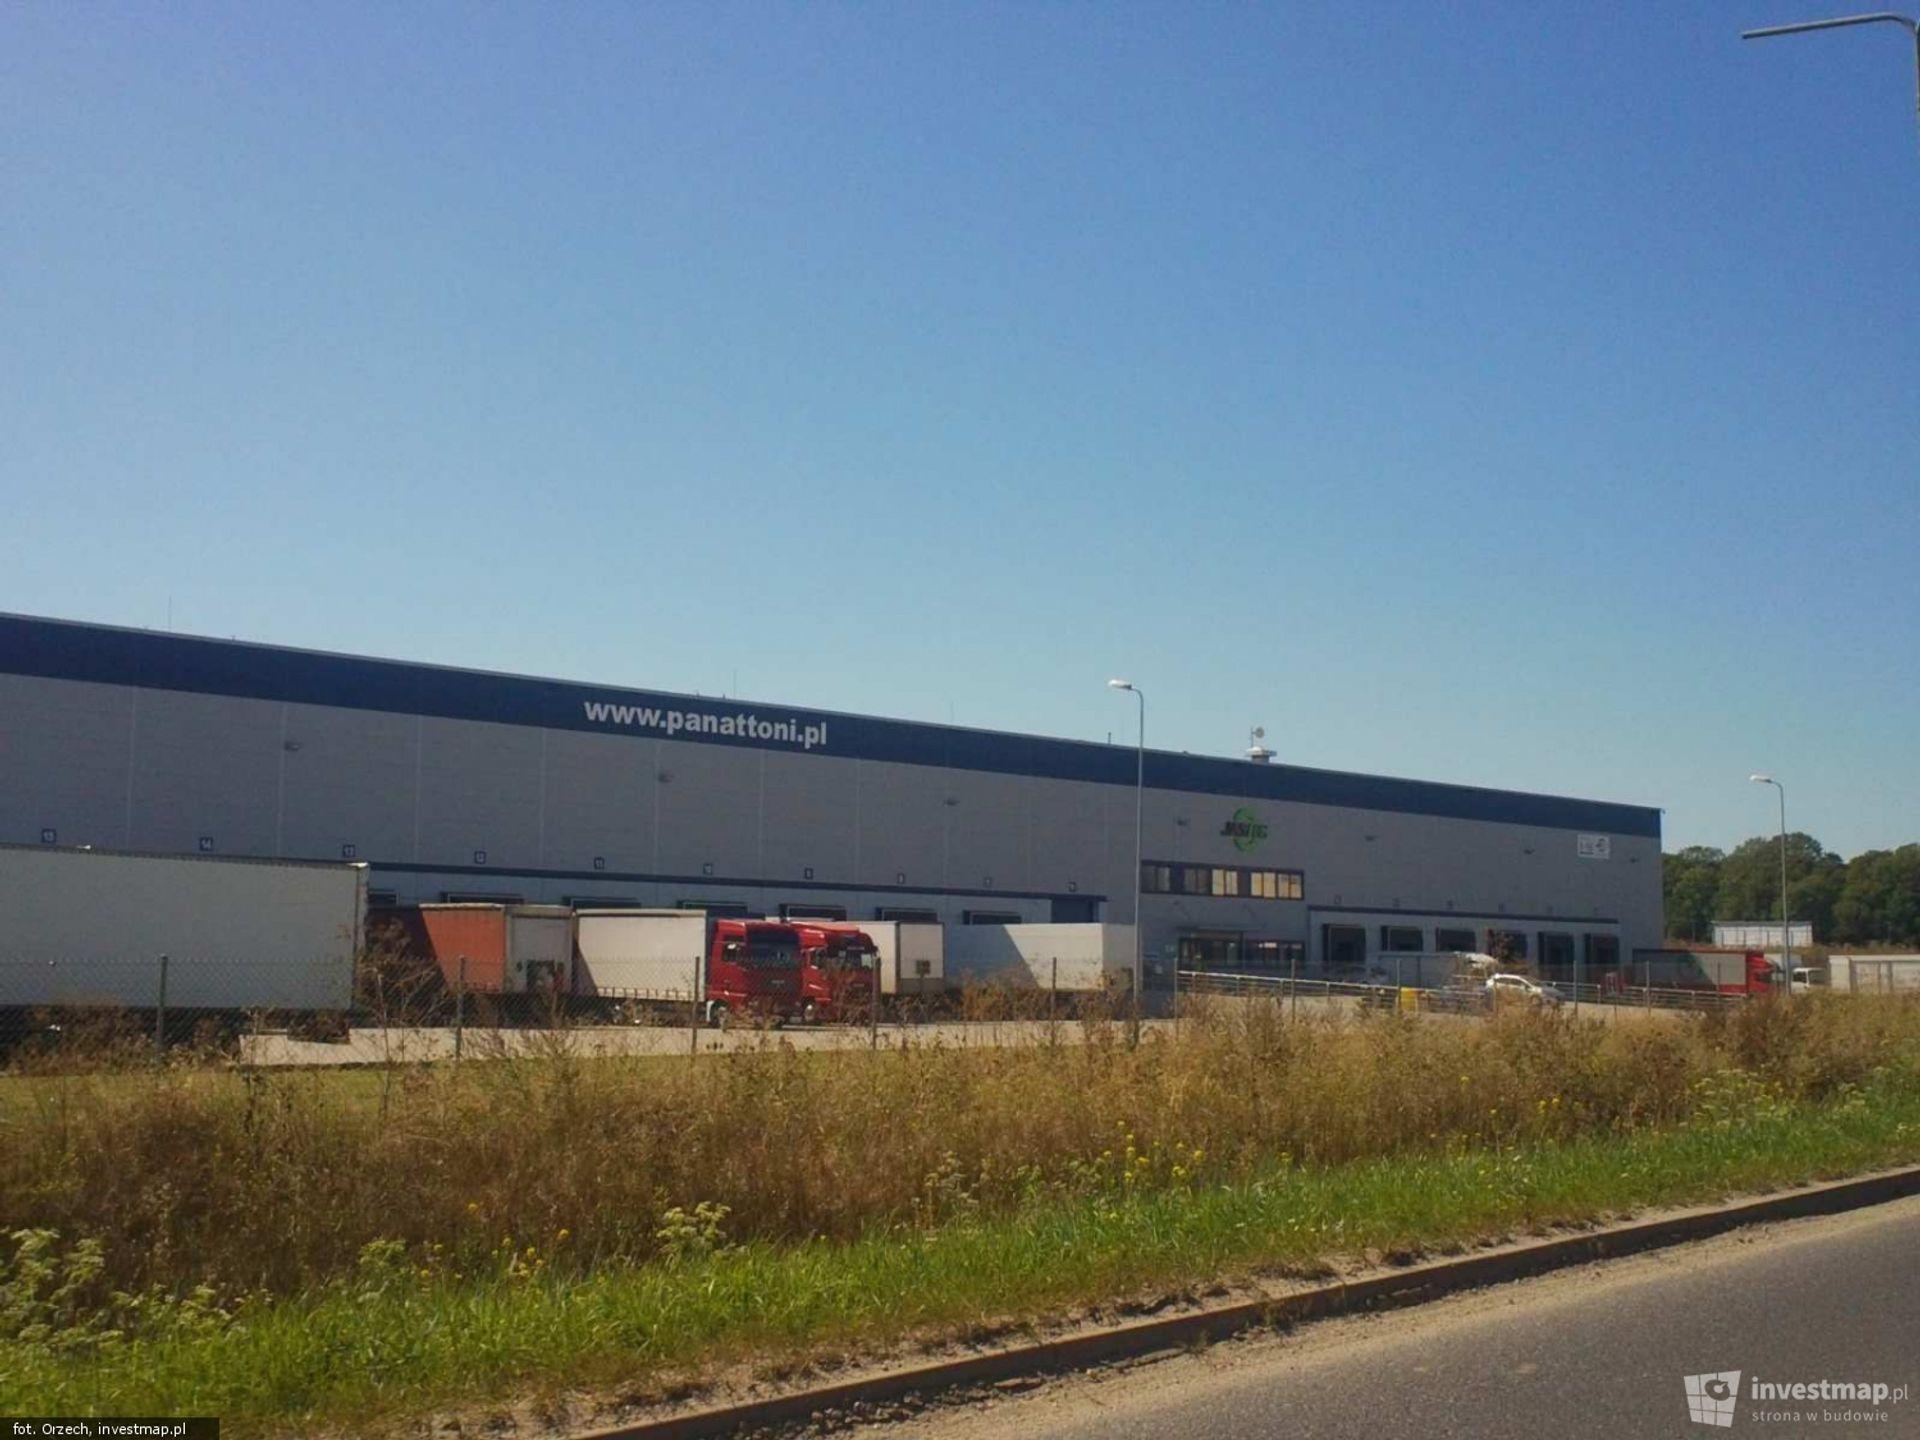 [Aglomeracja Wrocławska] Panattoni inwestuje w kolejne centrum magazynowe pod Wrocławiem